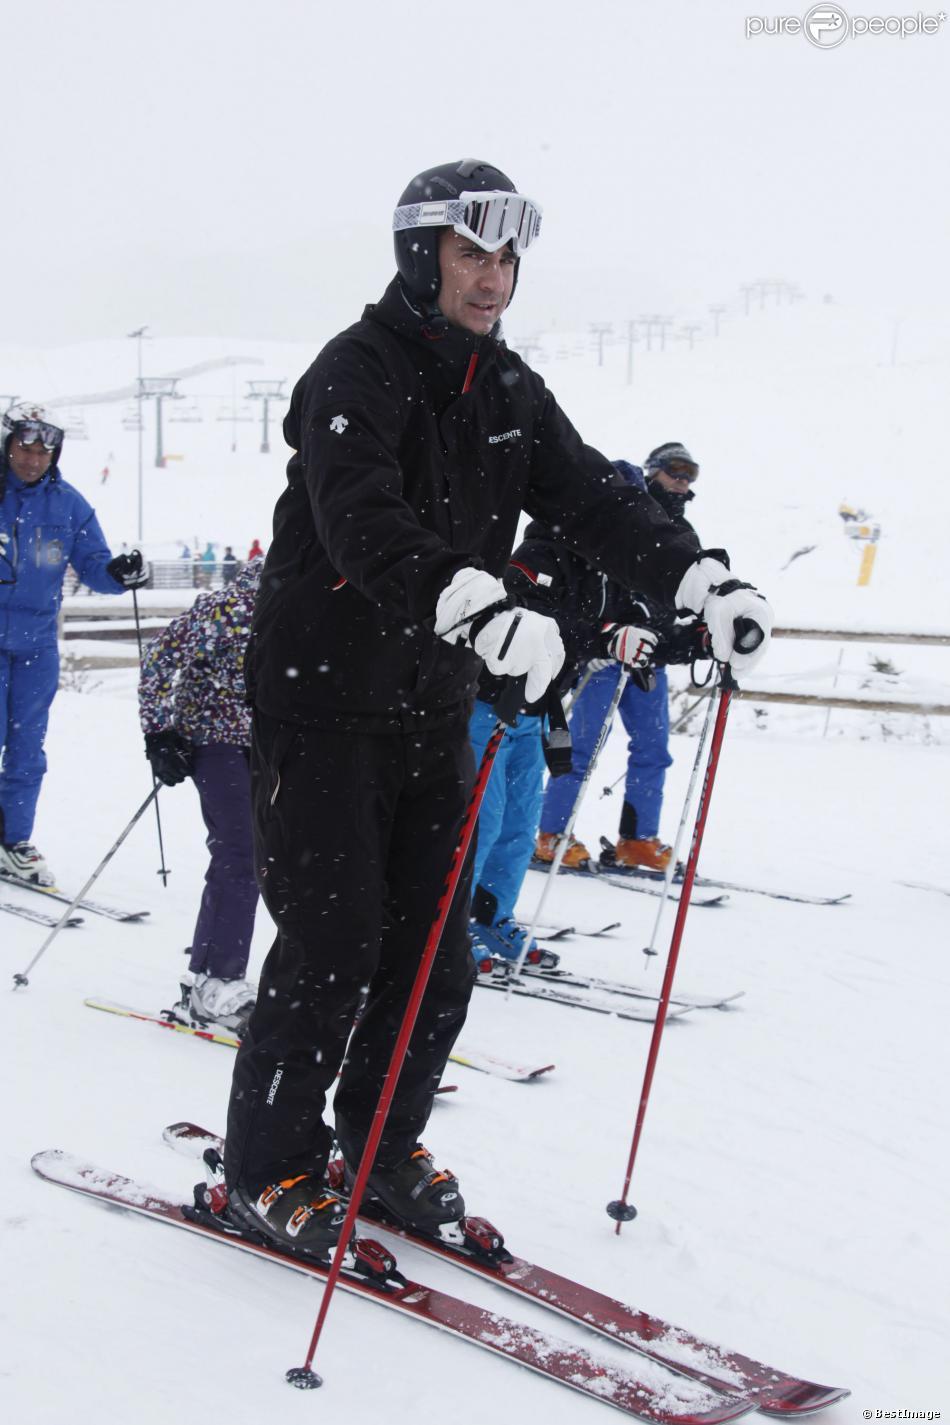 Loin du scandale et de la pression médiatique, le prince Felipe d'Espagne fait du ski dans la station de Formigal en Espagne le 19 janvier 2014.